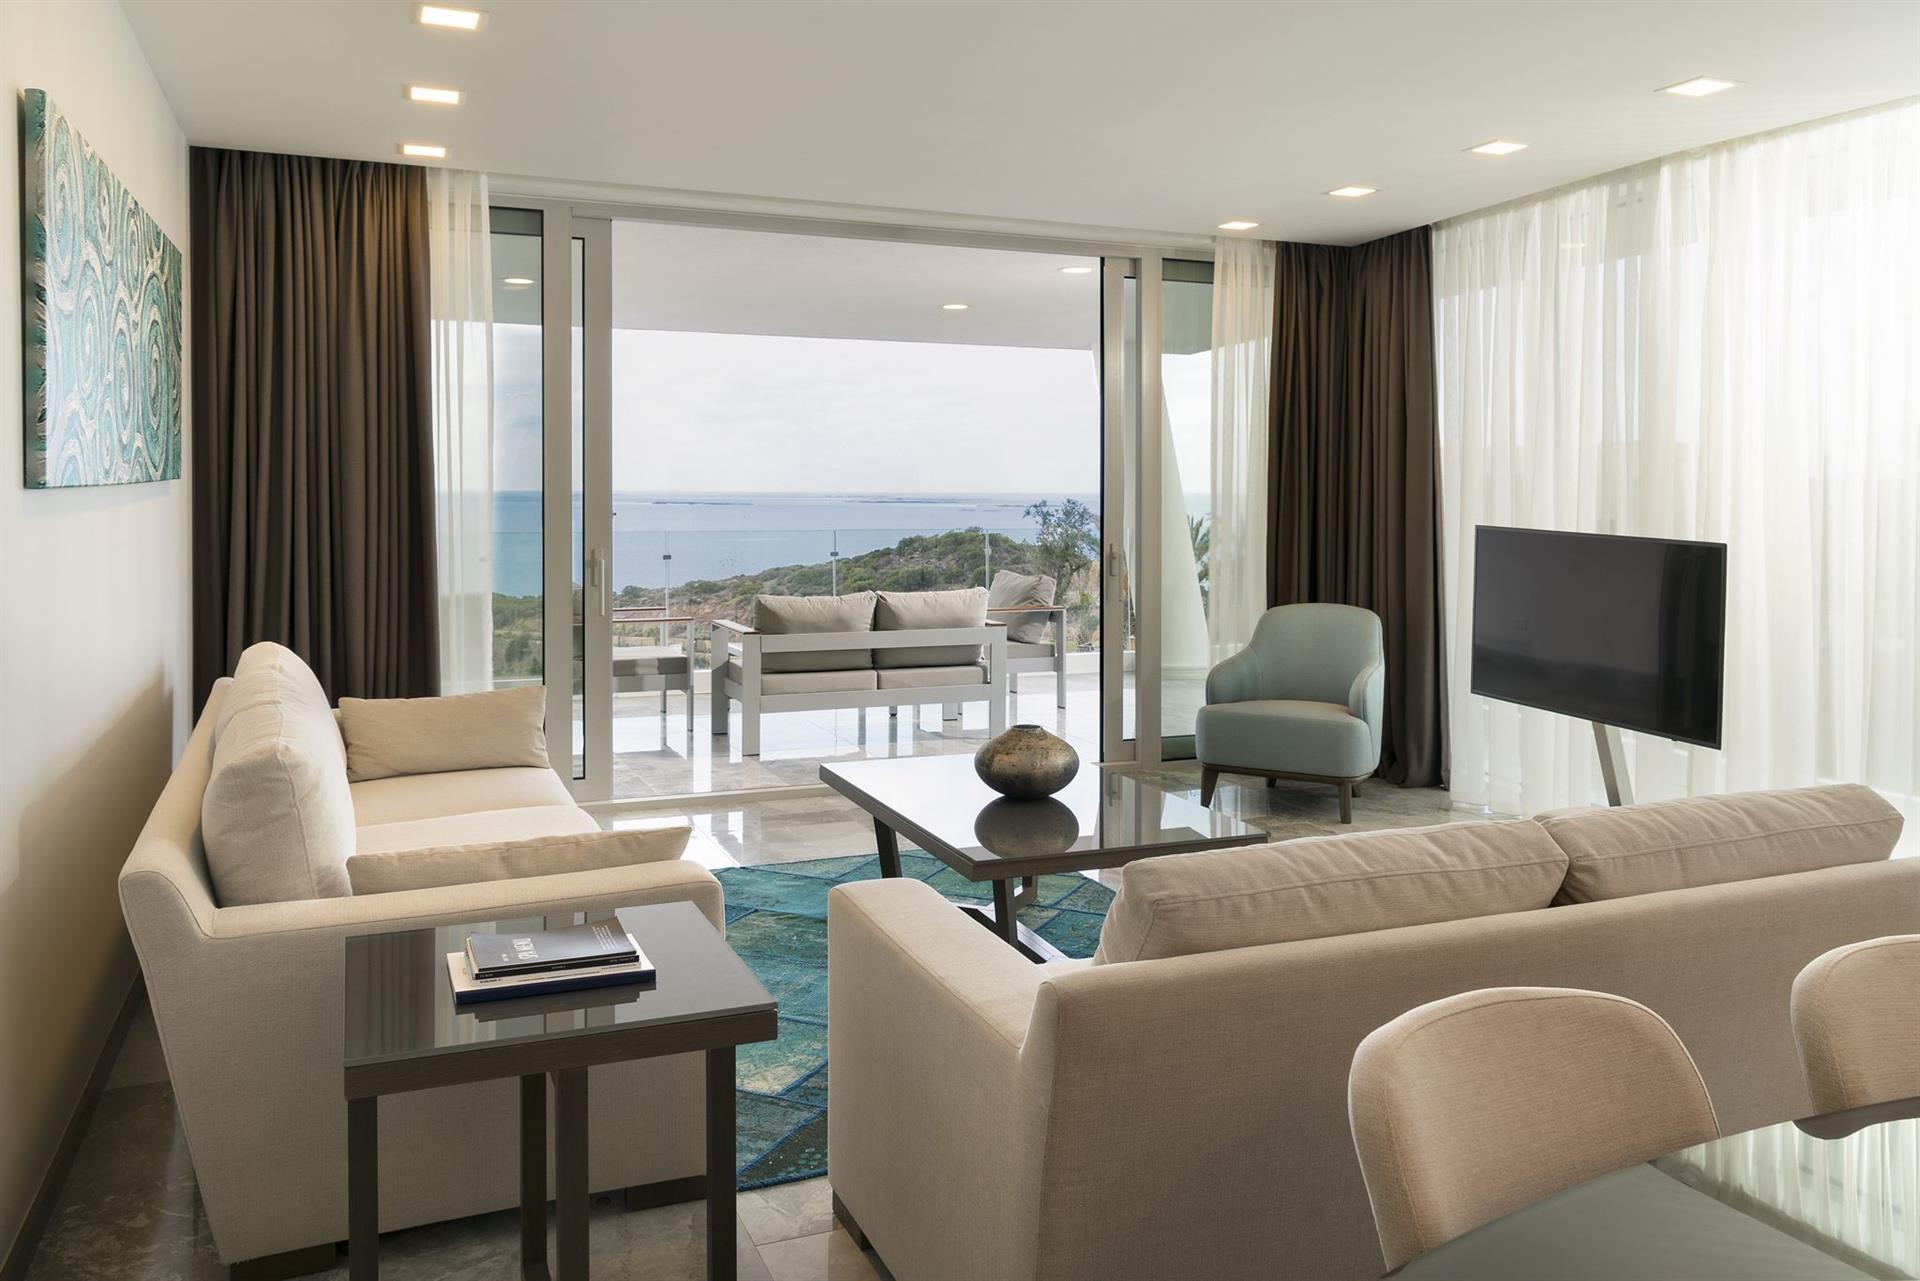 Фото нового отеля в Турции LUX* Bodrum Resort & Residences дизайн